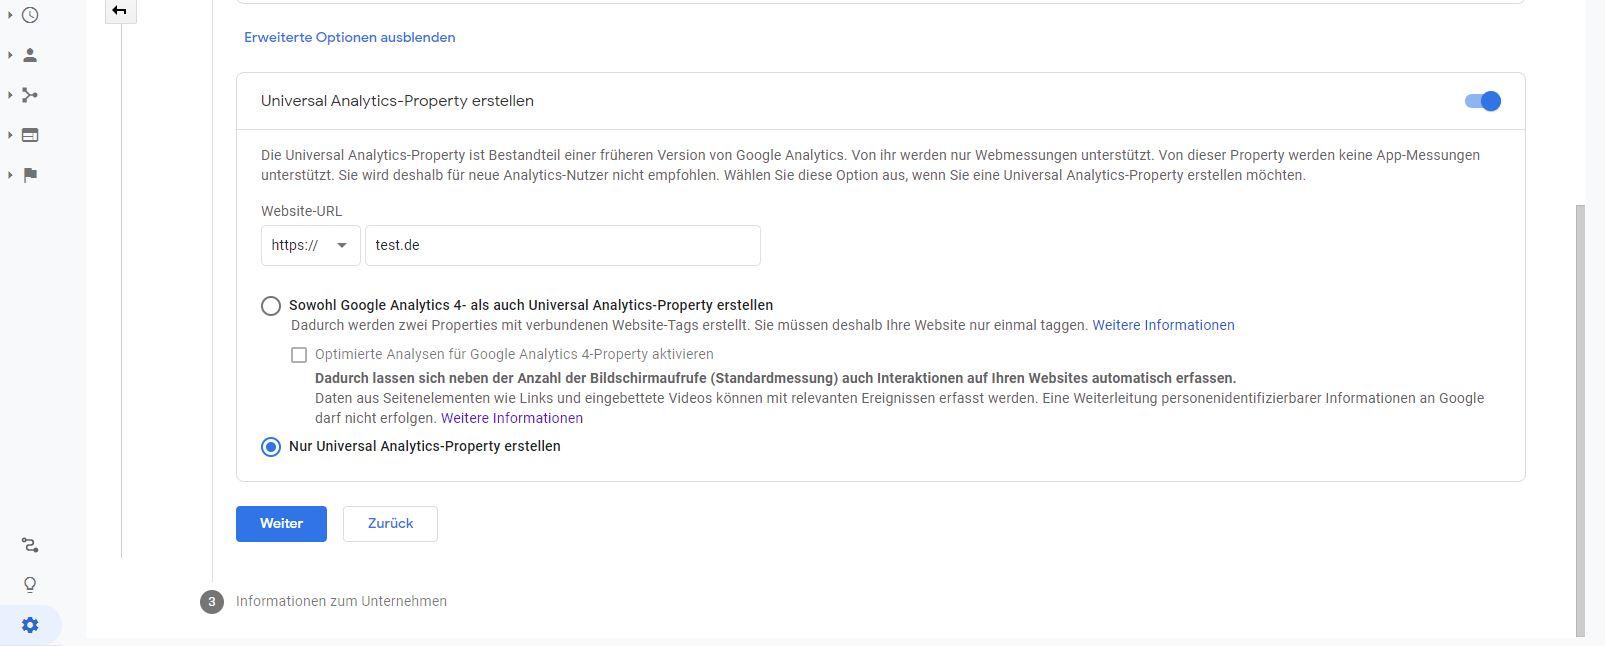 erweiterte Optionen als Weg zu Universal Analytics